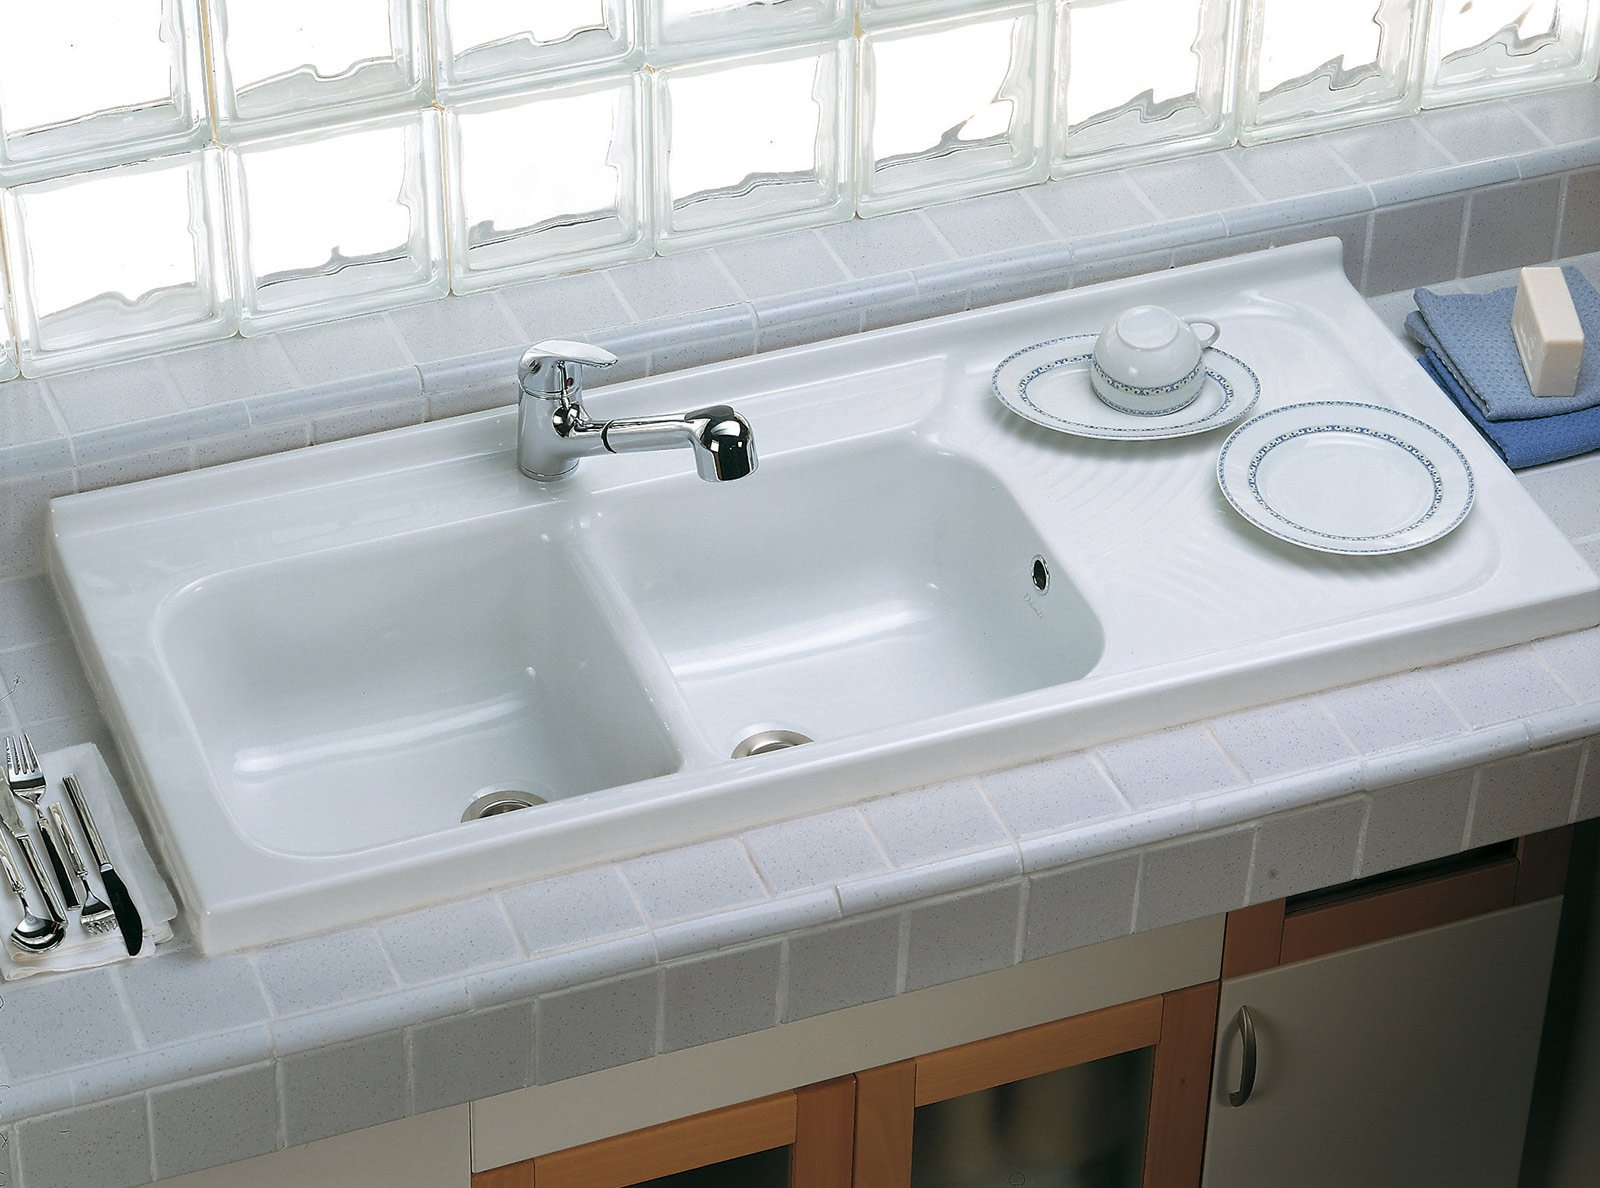 Lavelli come sceglierli cose di casa - Mobile per lavastoviglie da incasso ...